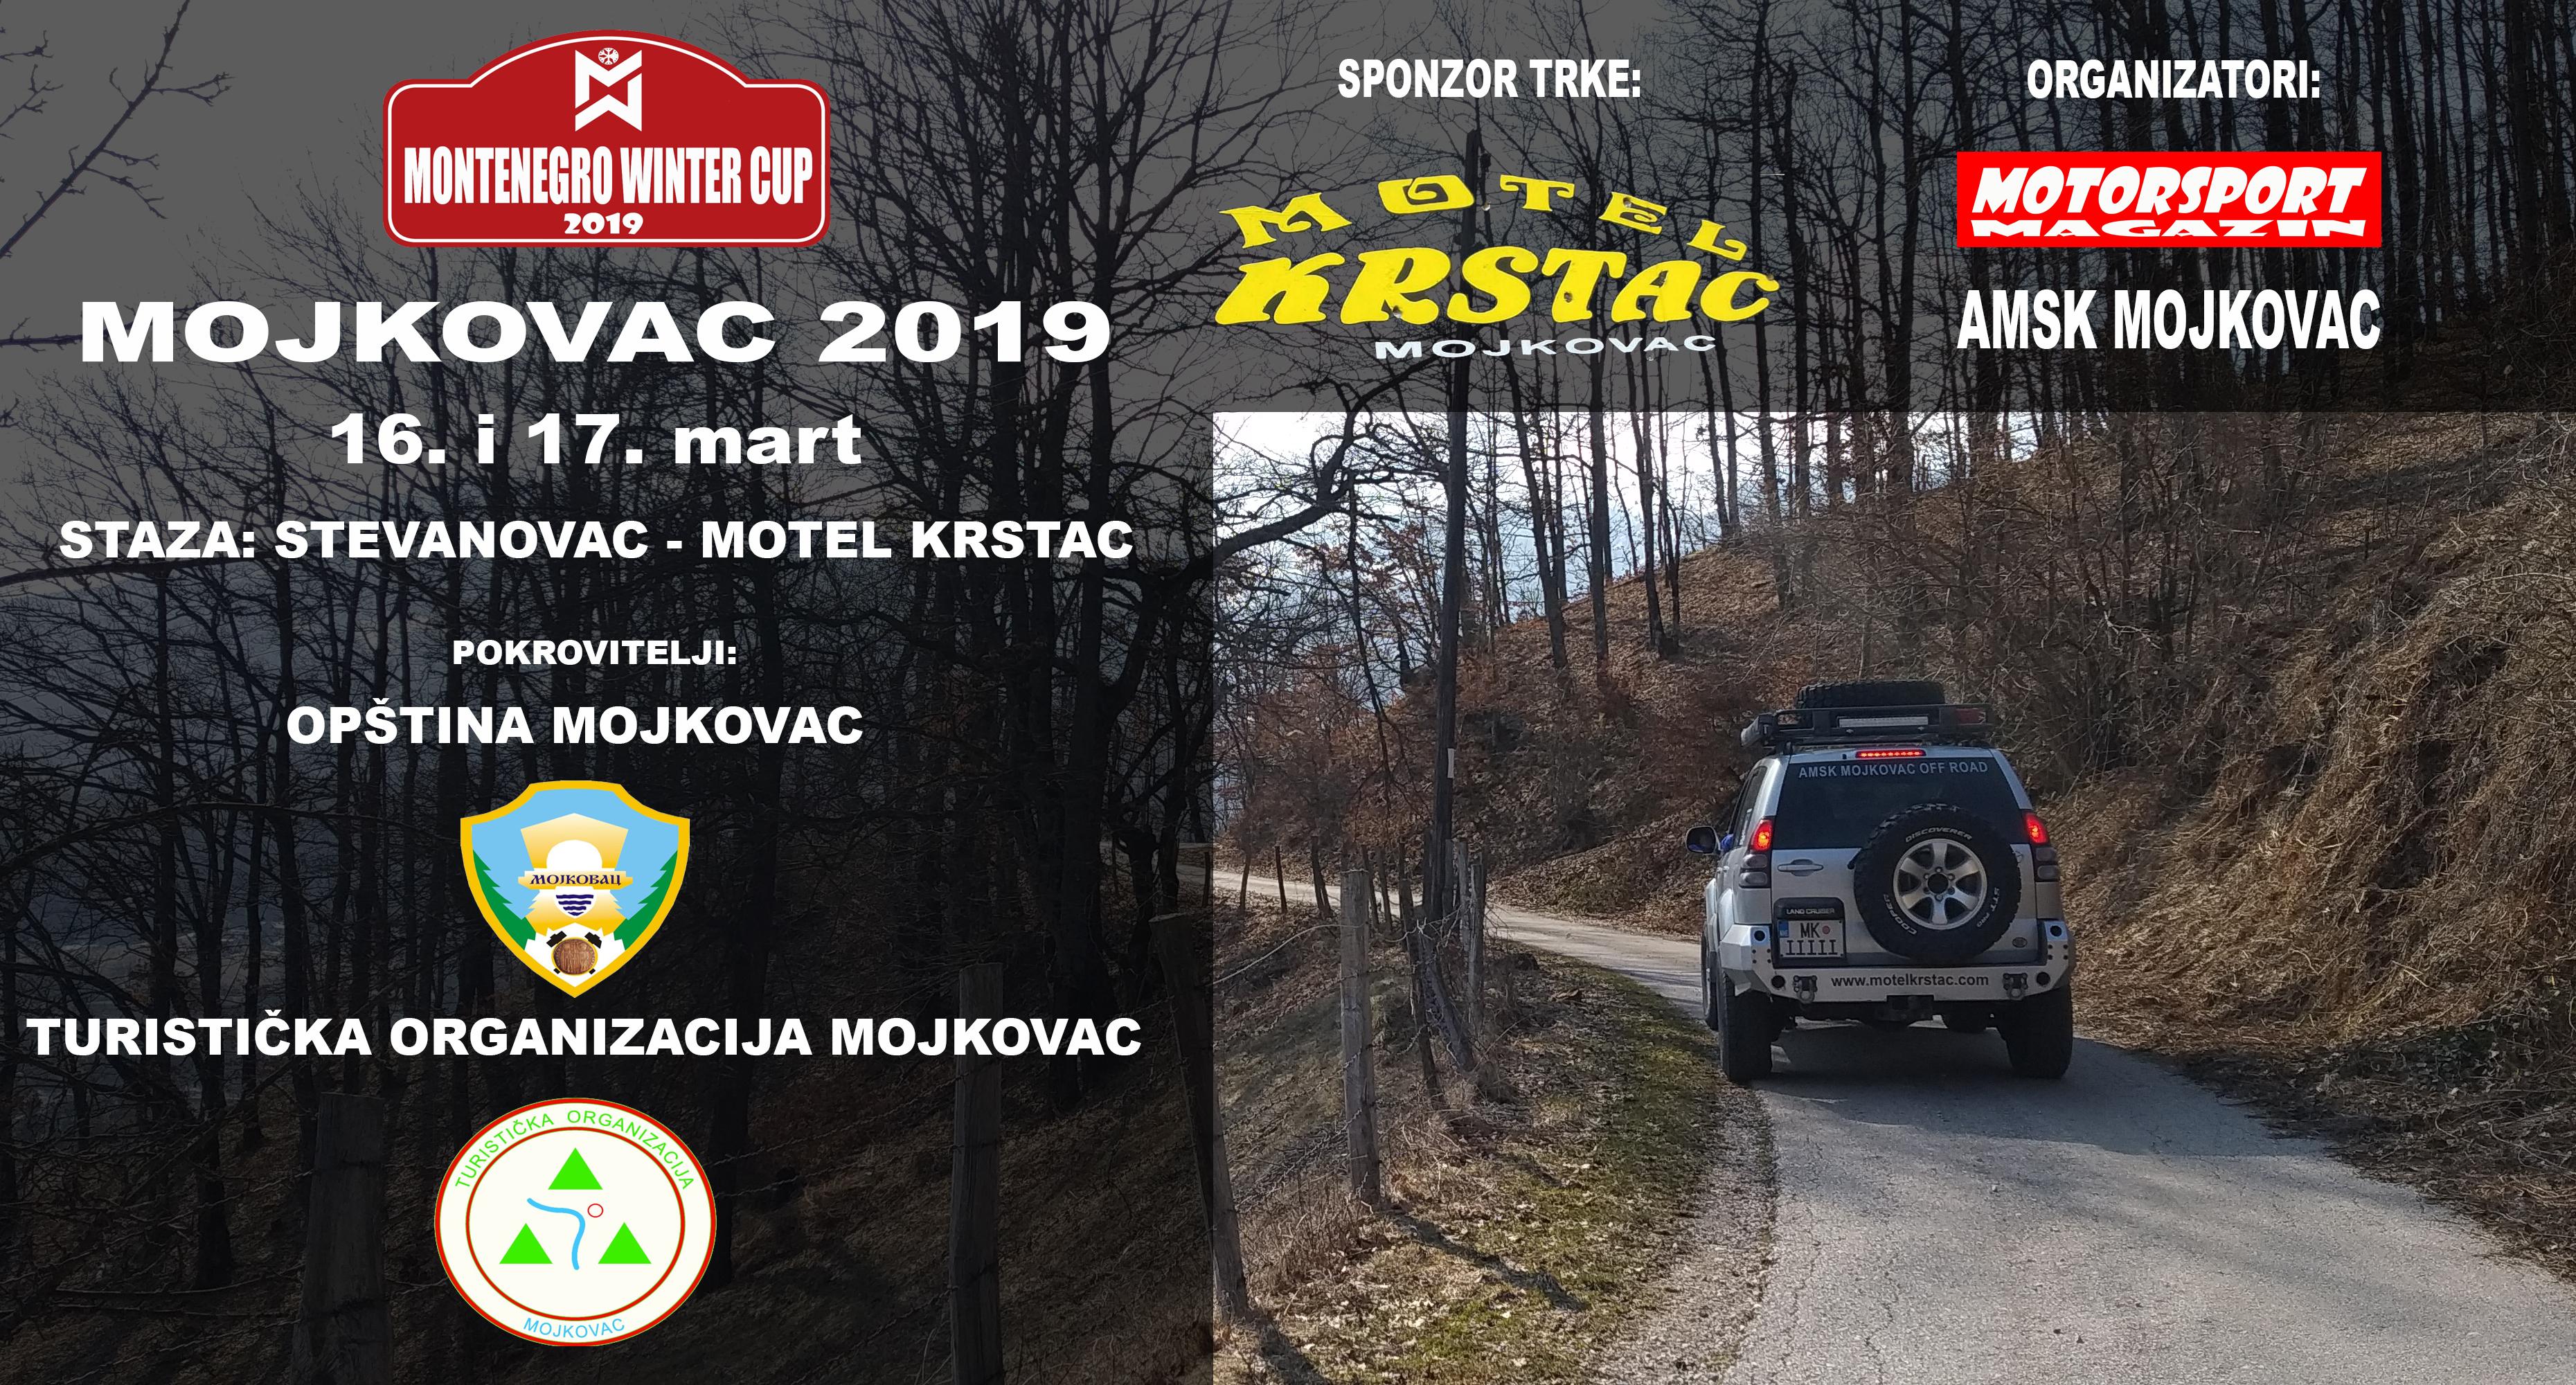 Završnica Zimske lige 2019. u Mojkovcu